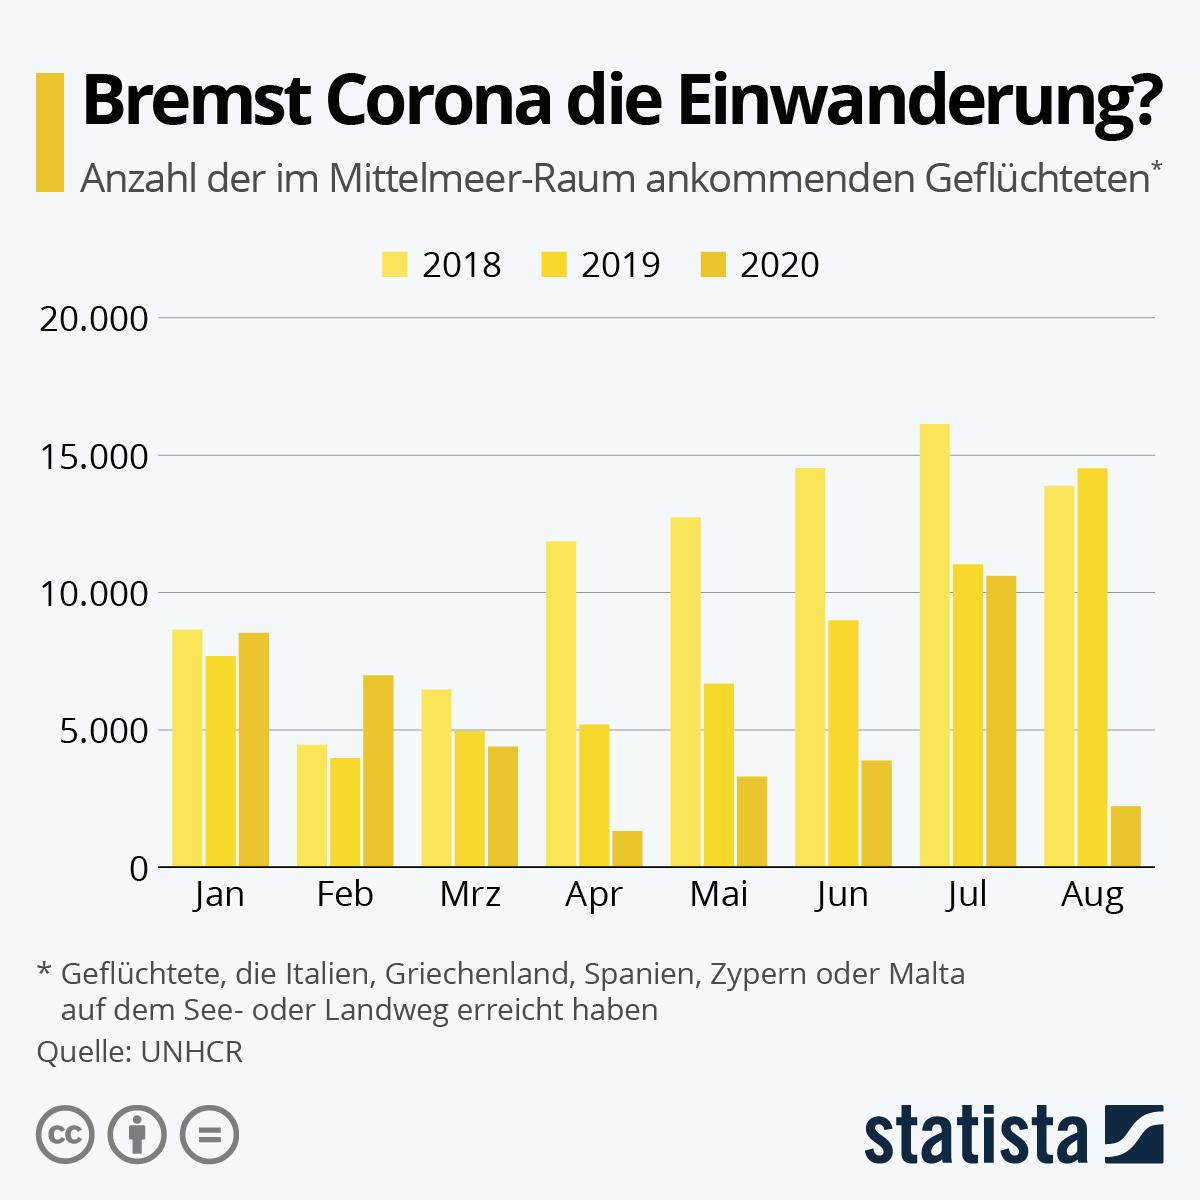 Infografik: Bremst Corona die Einwanderung? | Statista